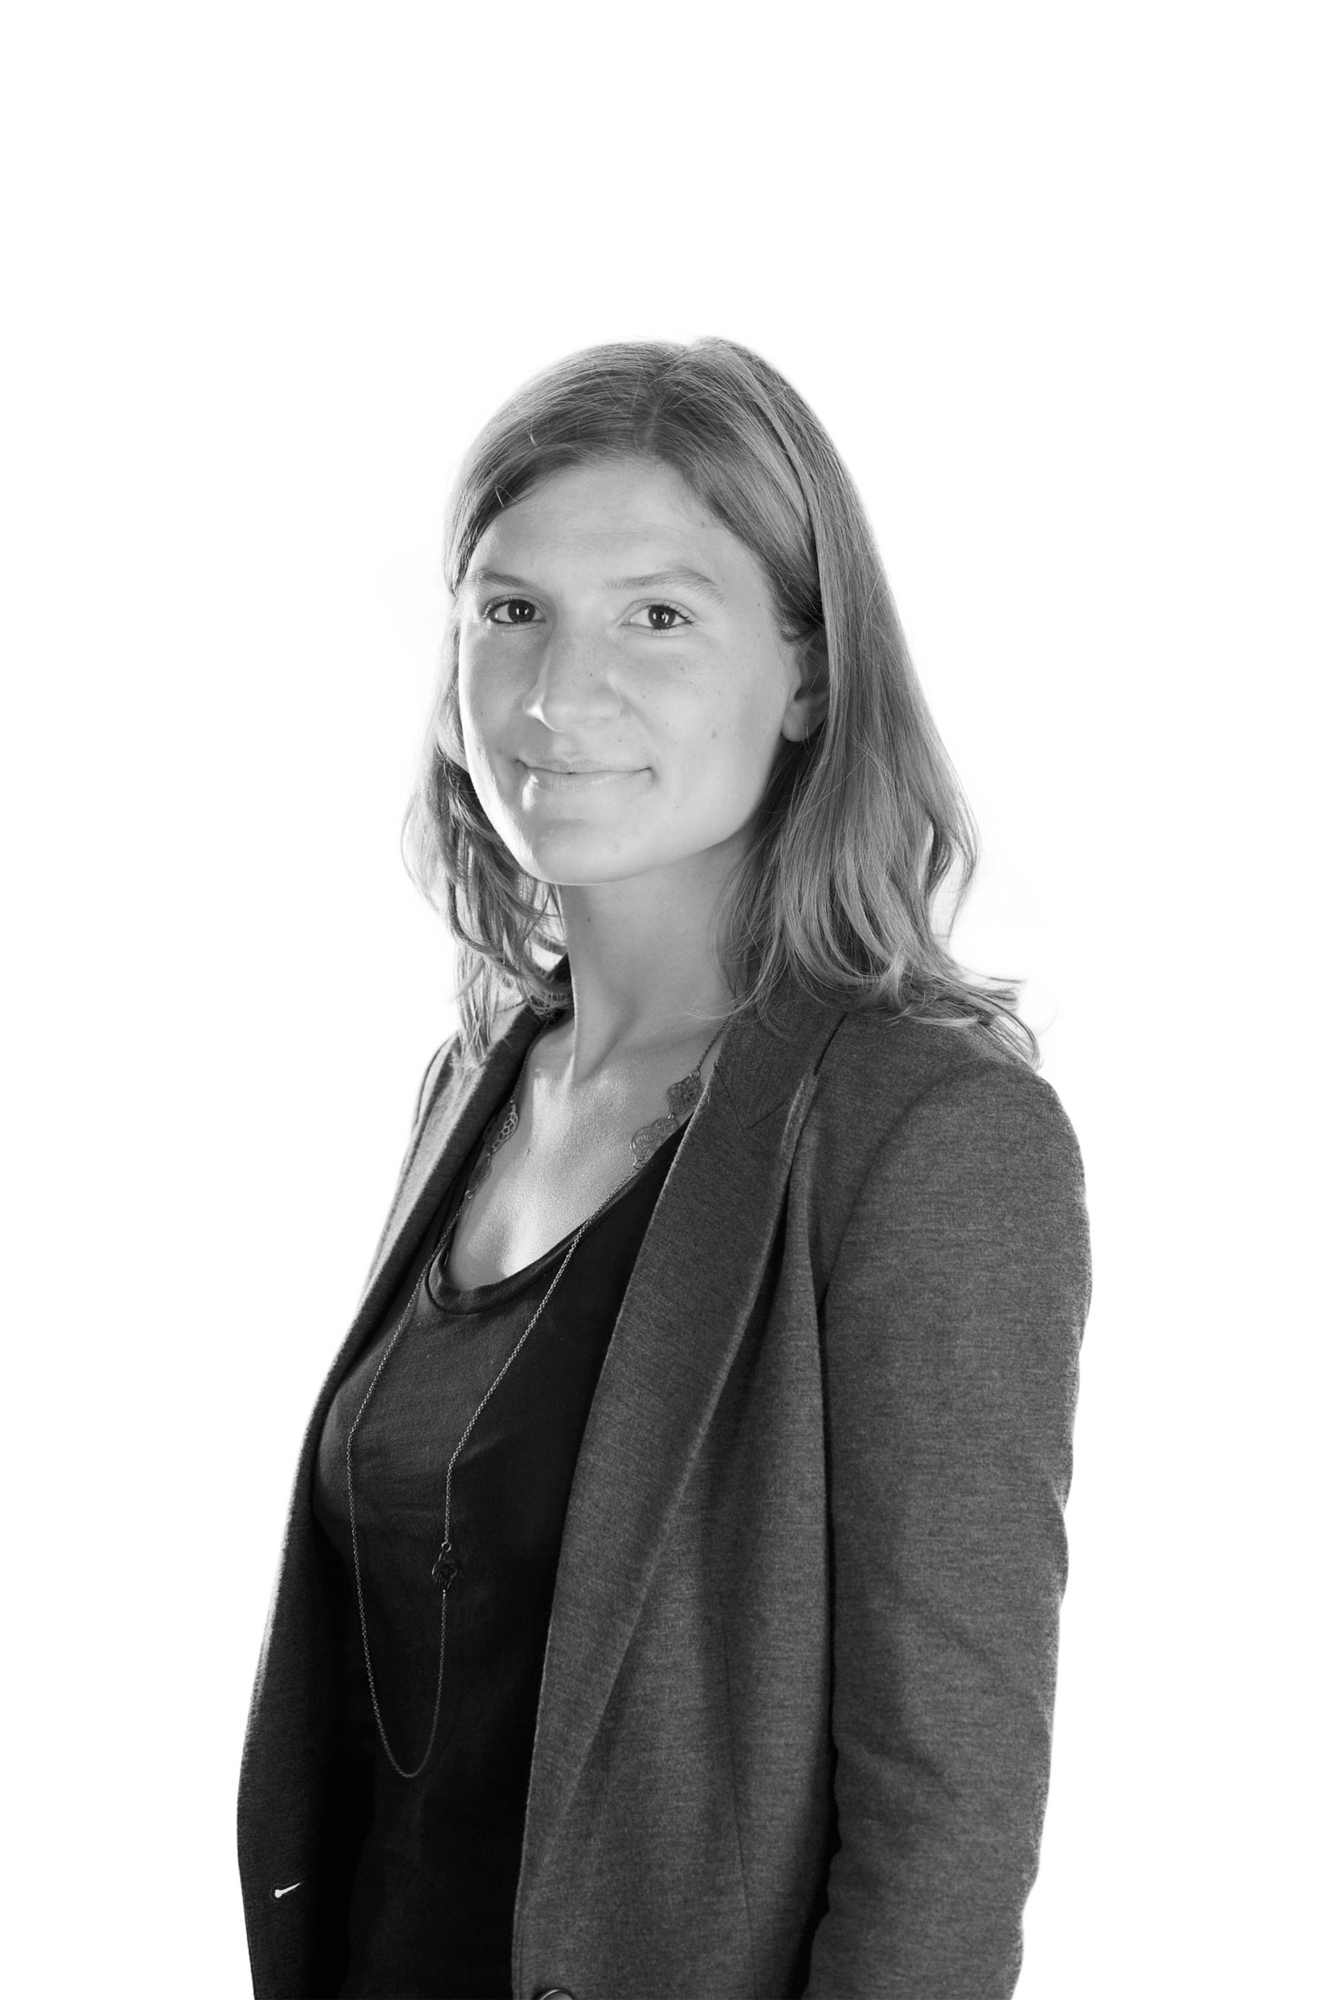 Aurelie de Ridder   T  +32 (0)2 501 61 17  F  +32 (0)2 514 22 31  E :   a.deridder@wery.legal